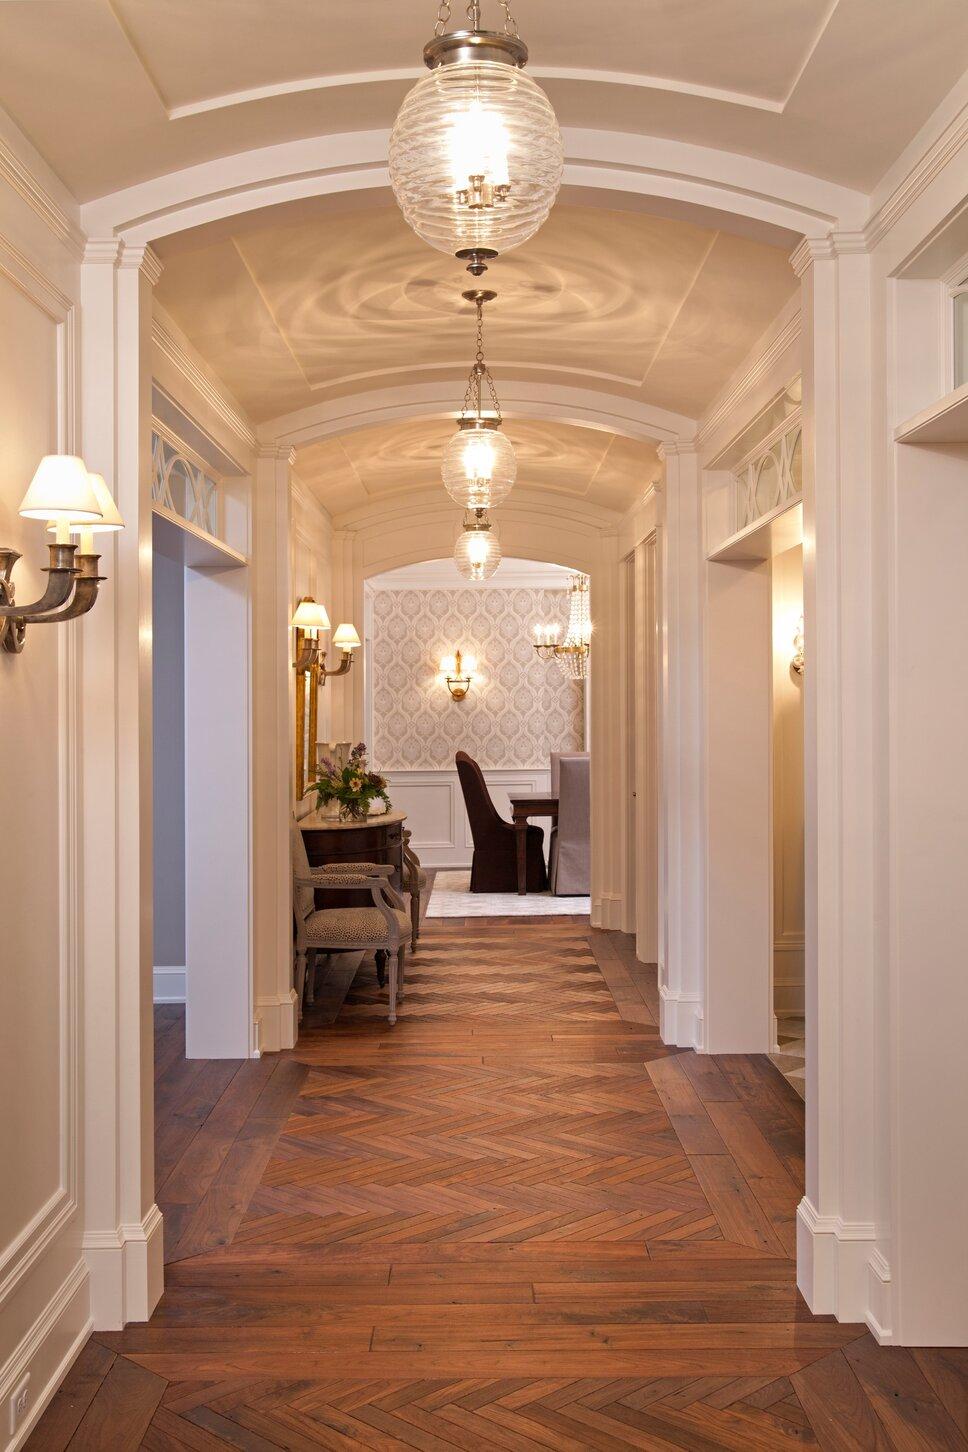 Traditional Entryway & Hallway design